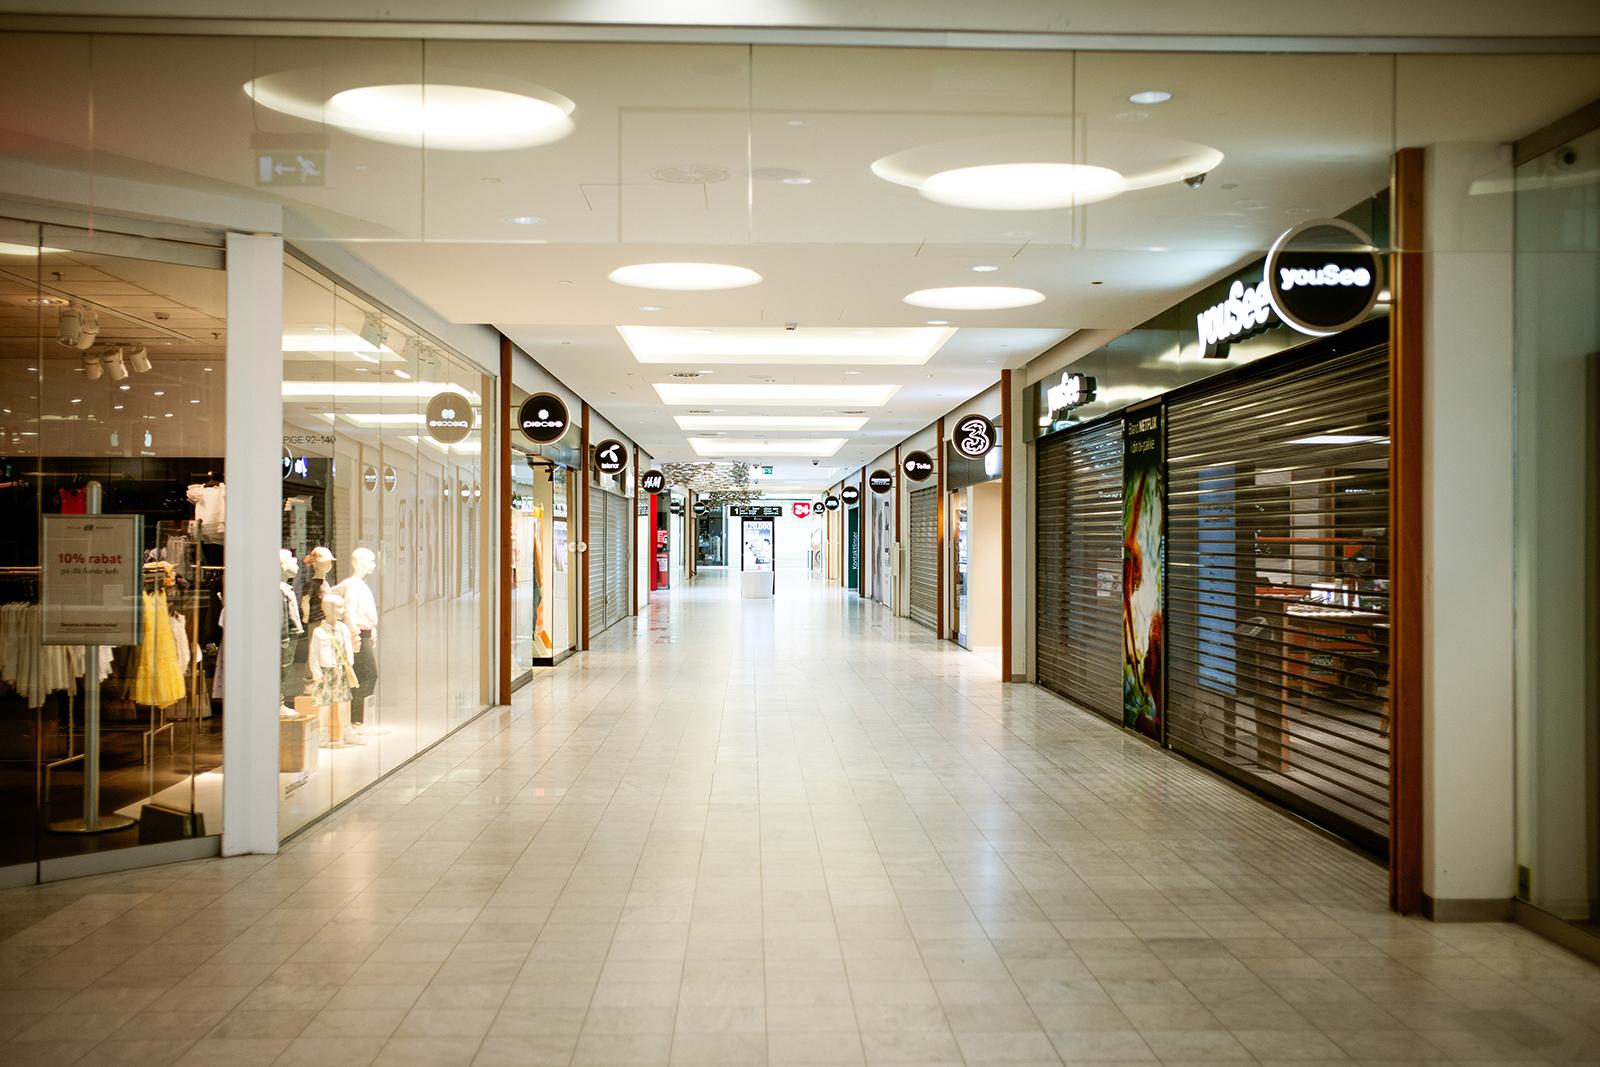 Shuttered shops stand in Fisketorvet-Copenhagen Mall in Denmark, on Wednesday, April 15.